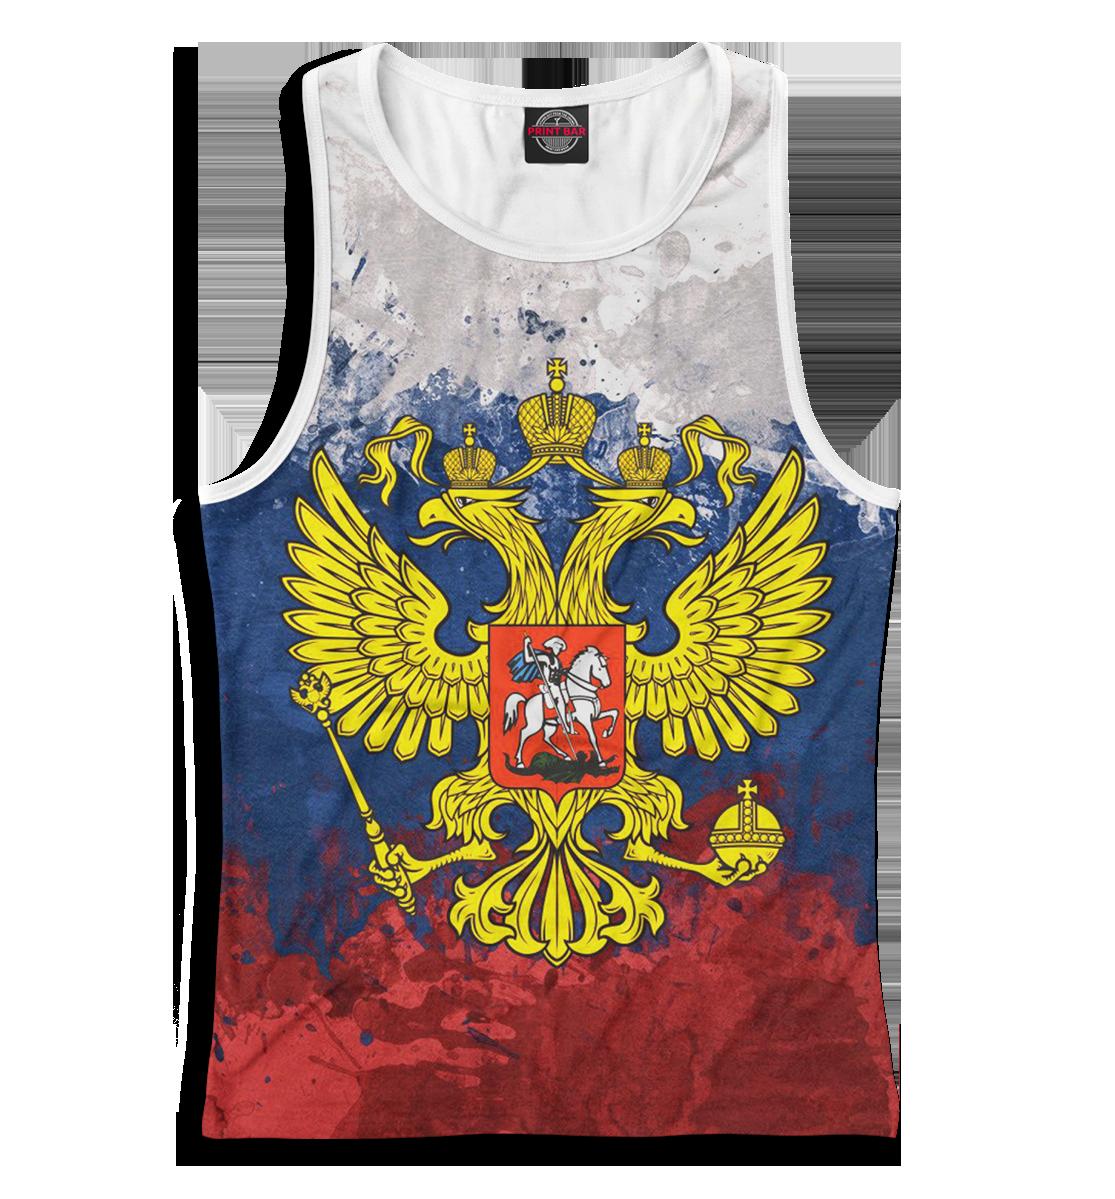 Купить Триколор и герб, Printbar, Майки борцовки, SRF-758353-mayb-1